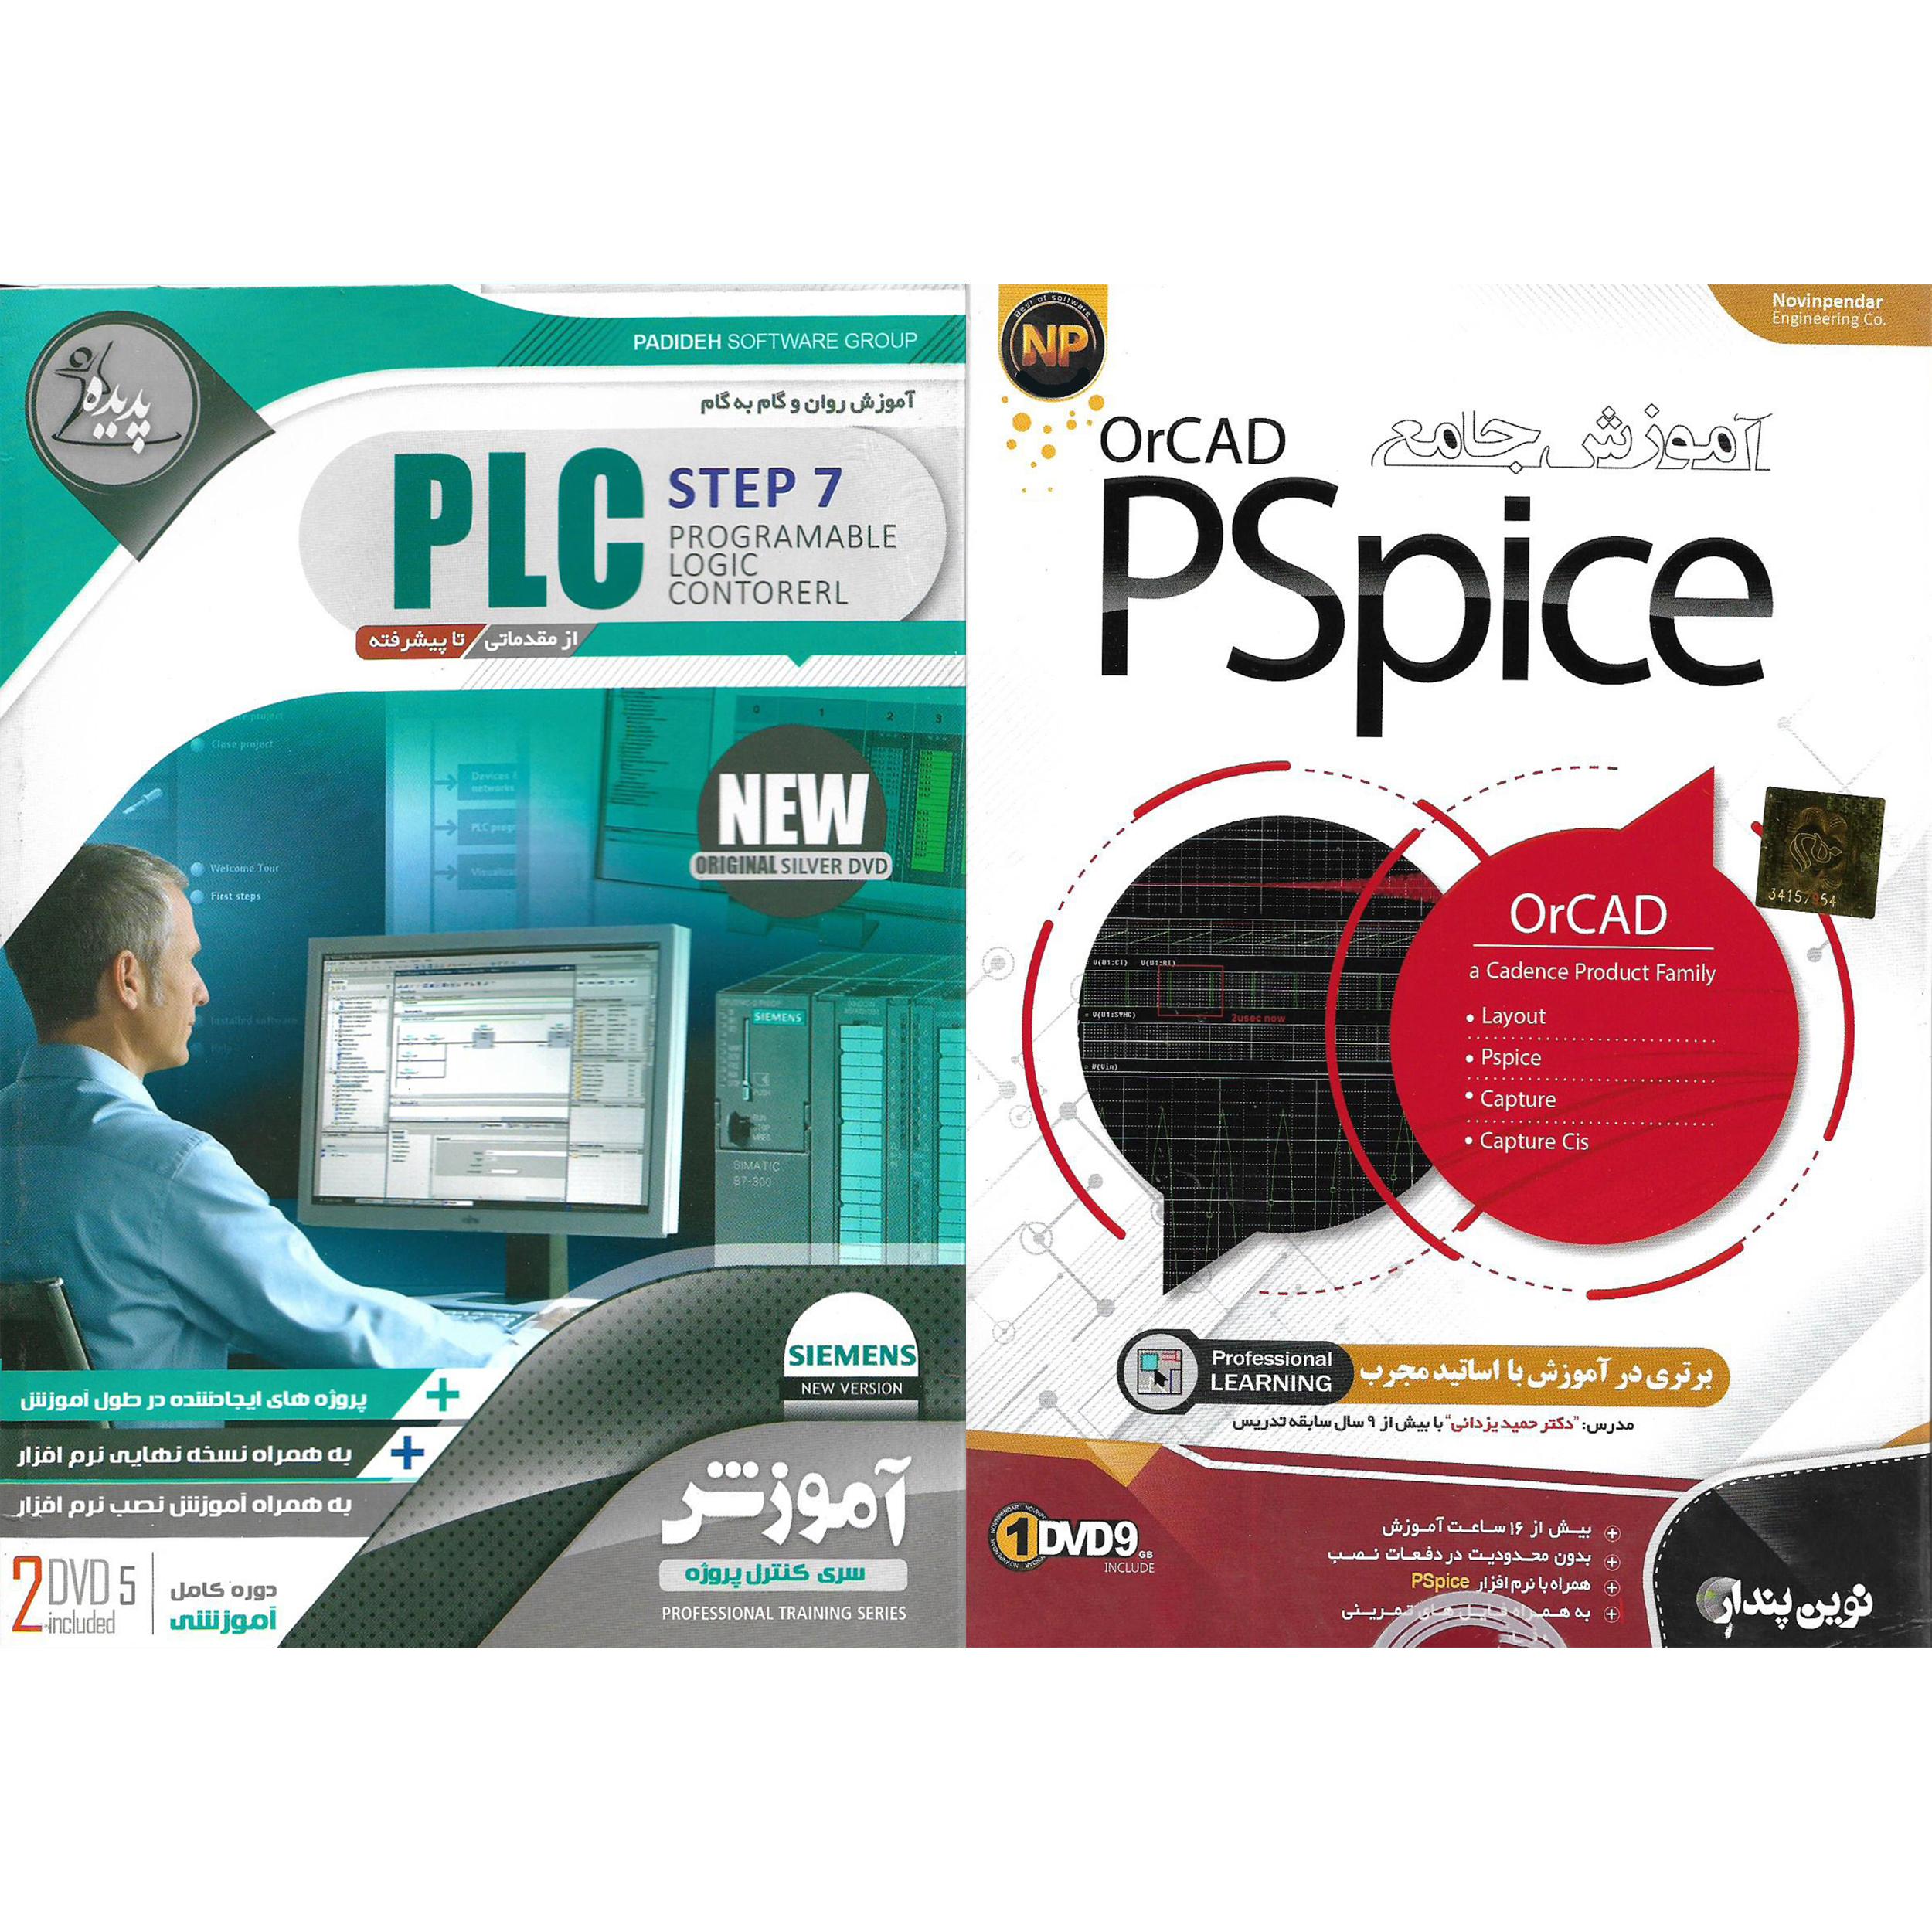 نرم افزار آموزش ORCAD PSpice نشر نوین پندار به همراه نرم افزار آموزش PLC STEP 7  نشر پدیده